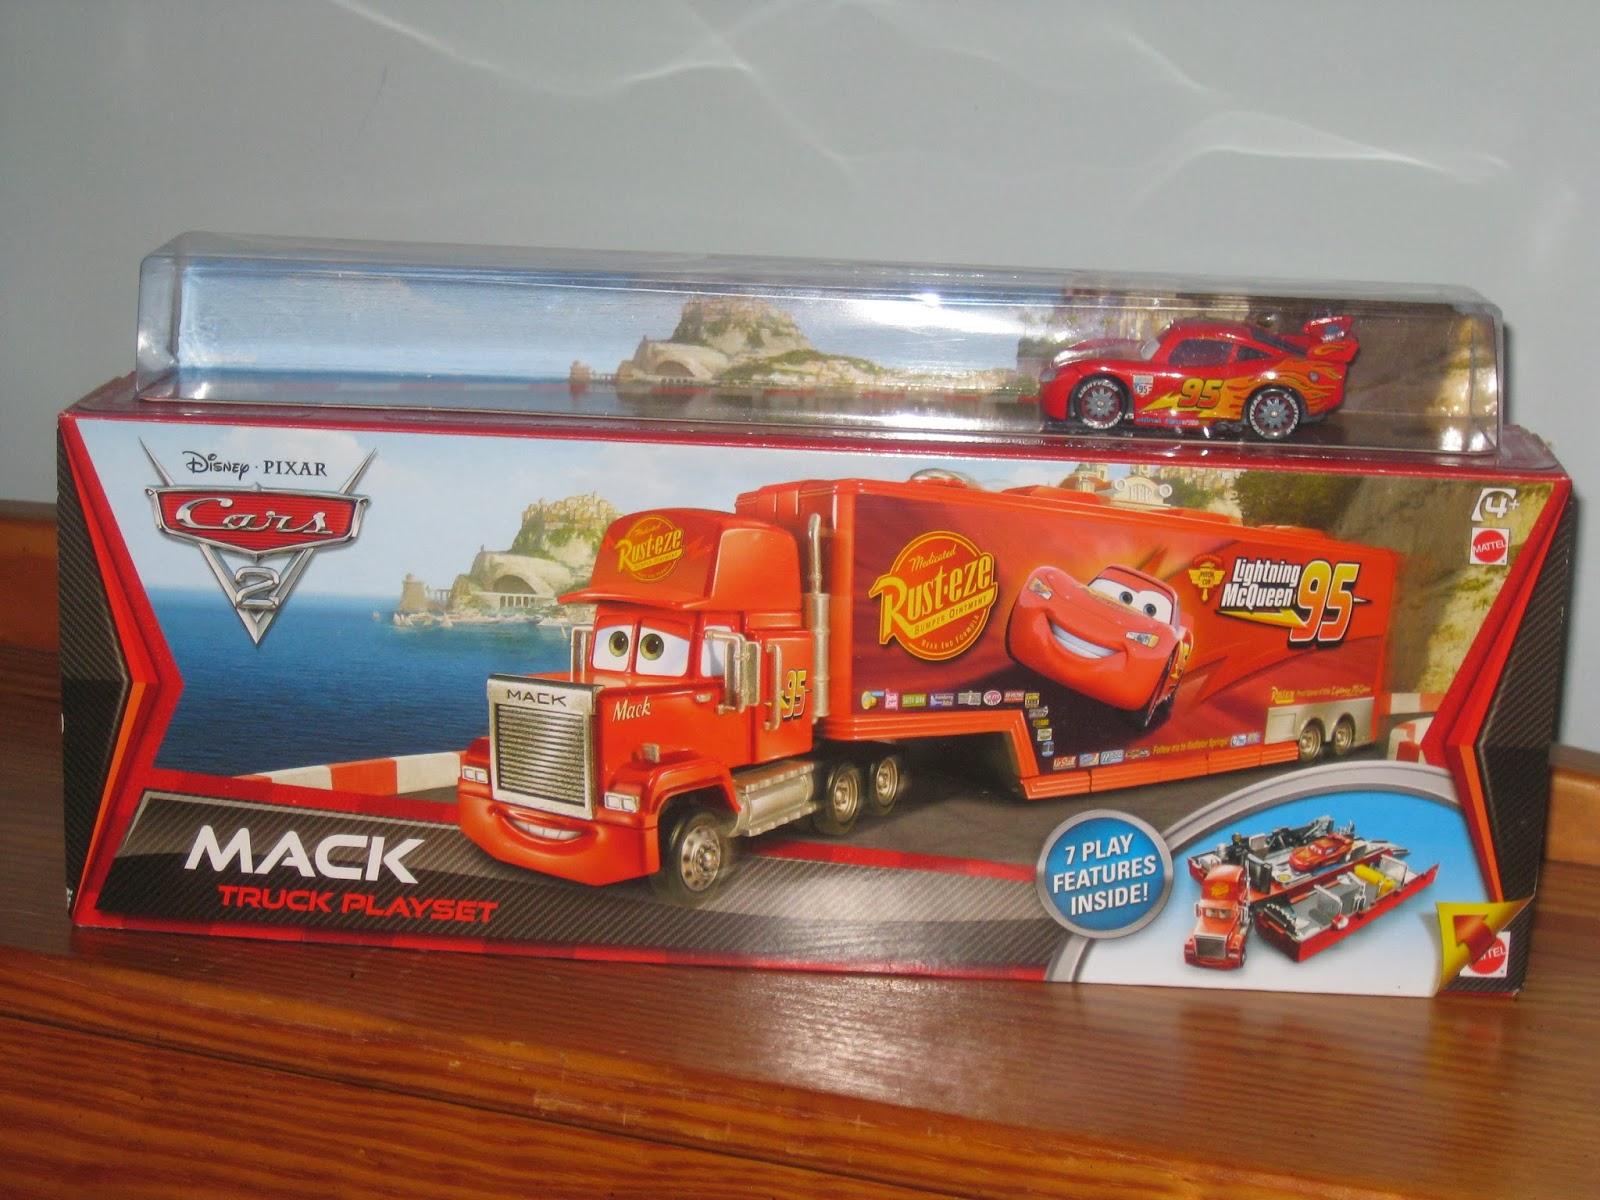 Dan The Pixar Fan Cars 2 Mack Truck Playset